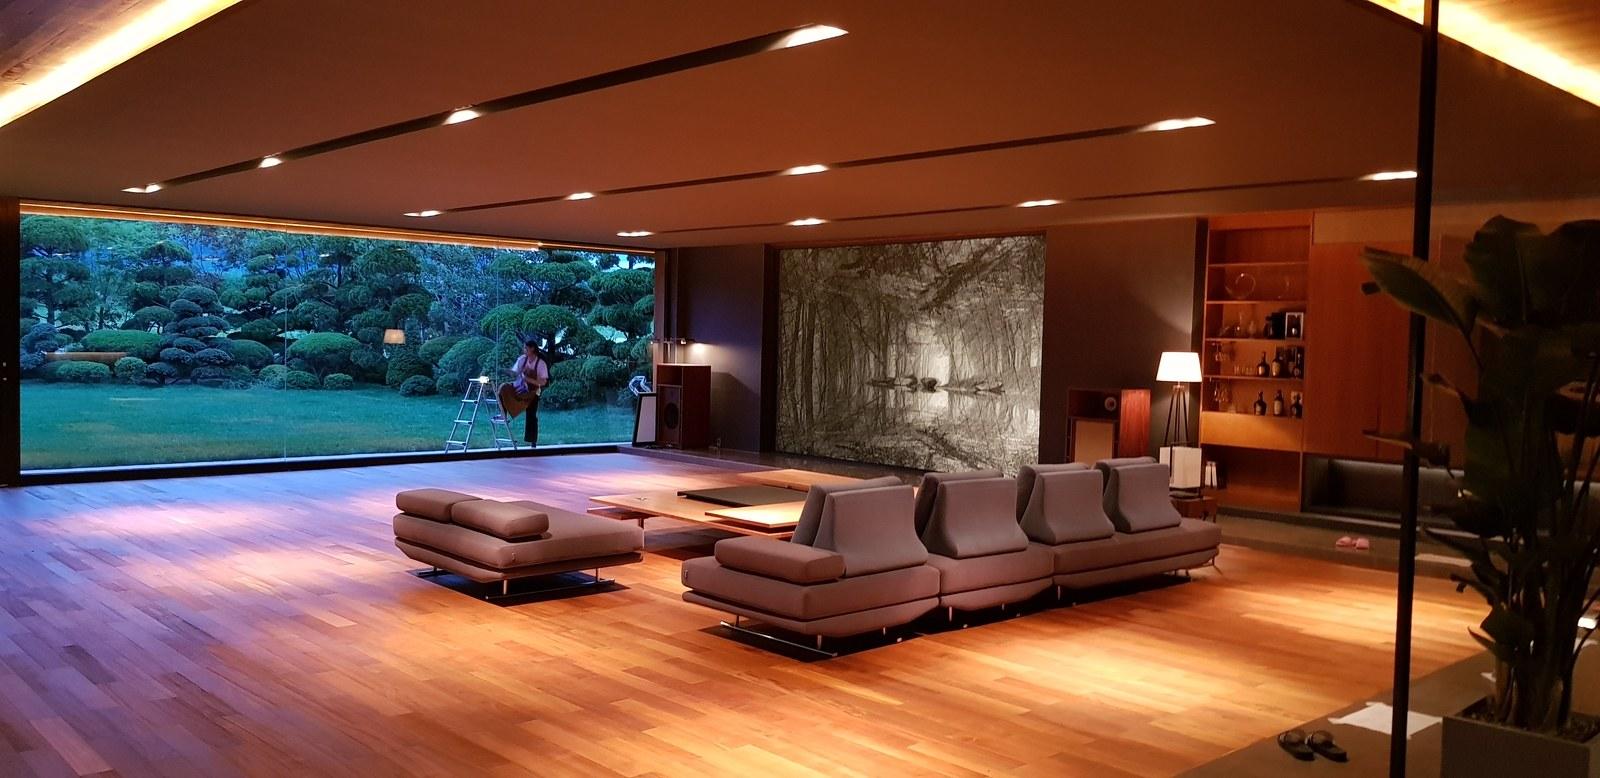 Bức tranh Maya đặt một góc trong phòng khách nhìn ra khu vườn trong phim Parasite